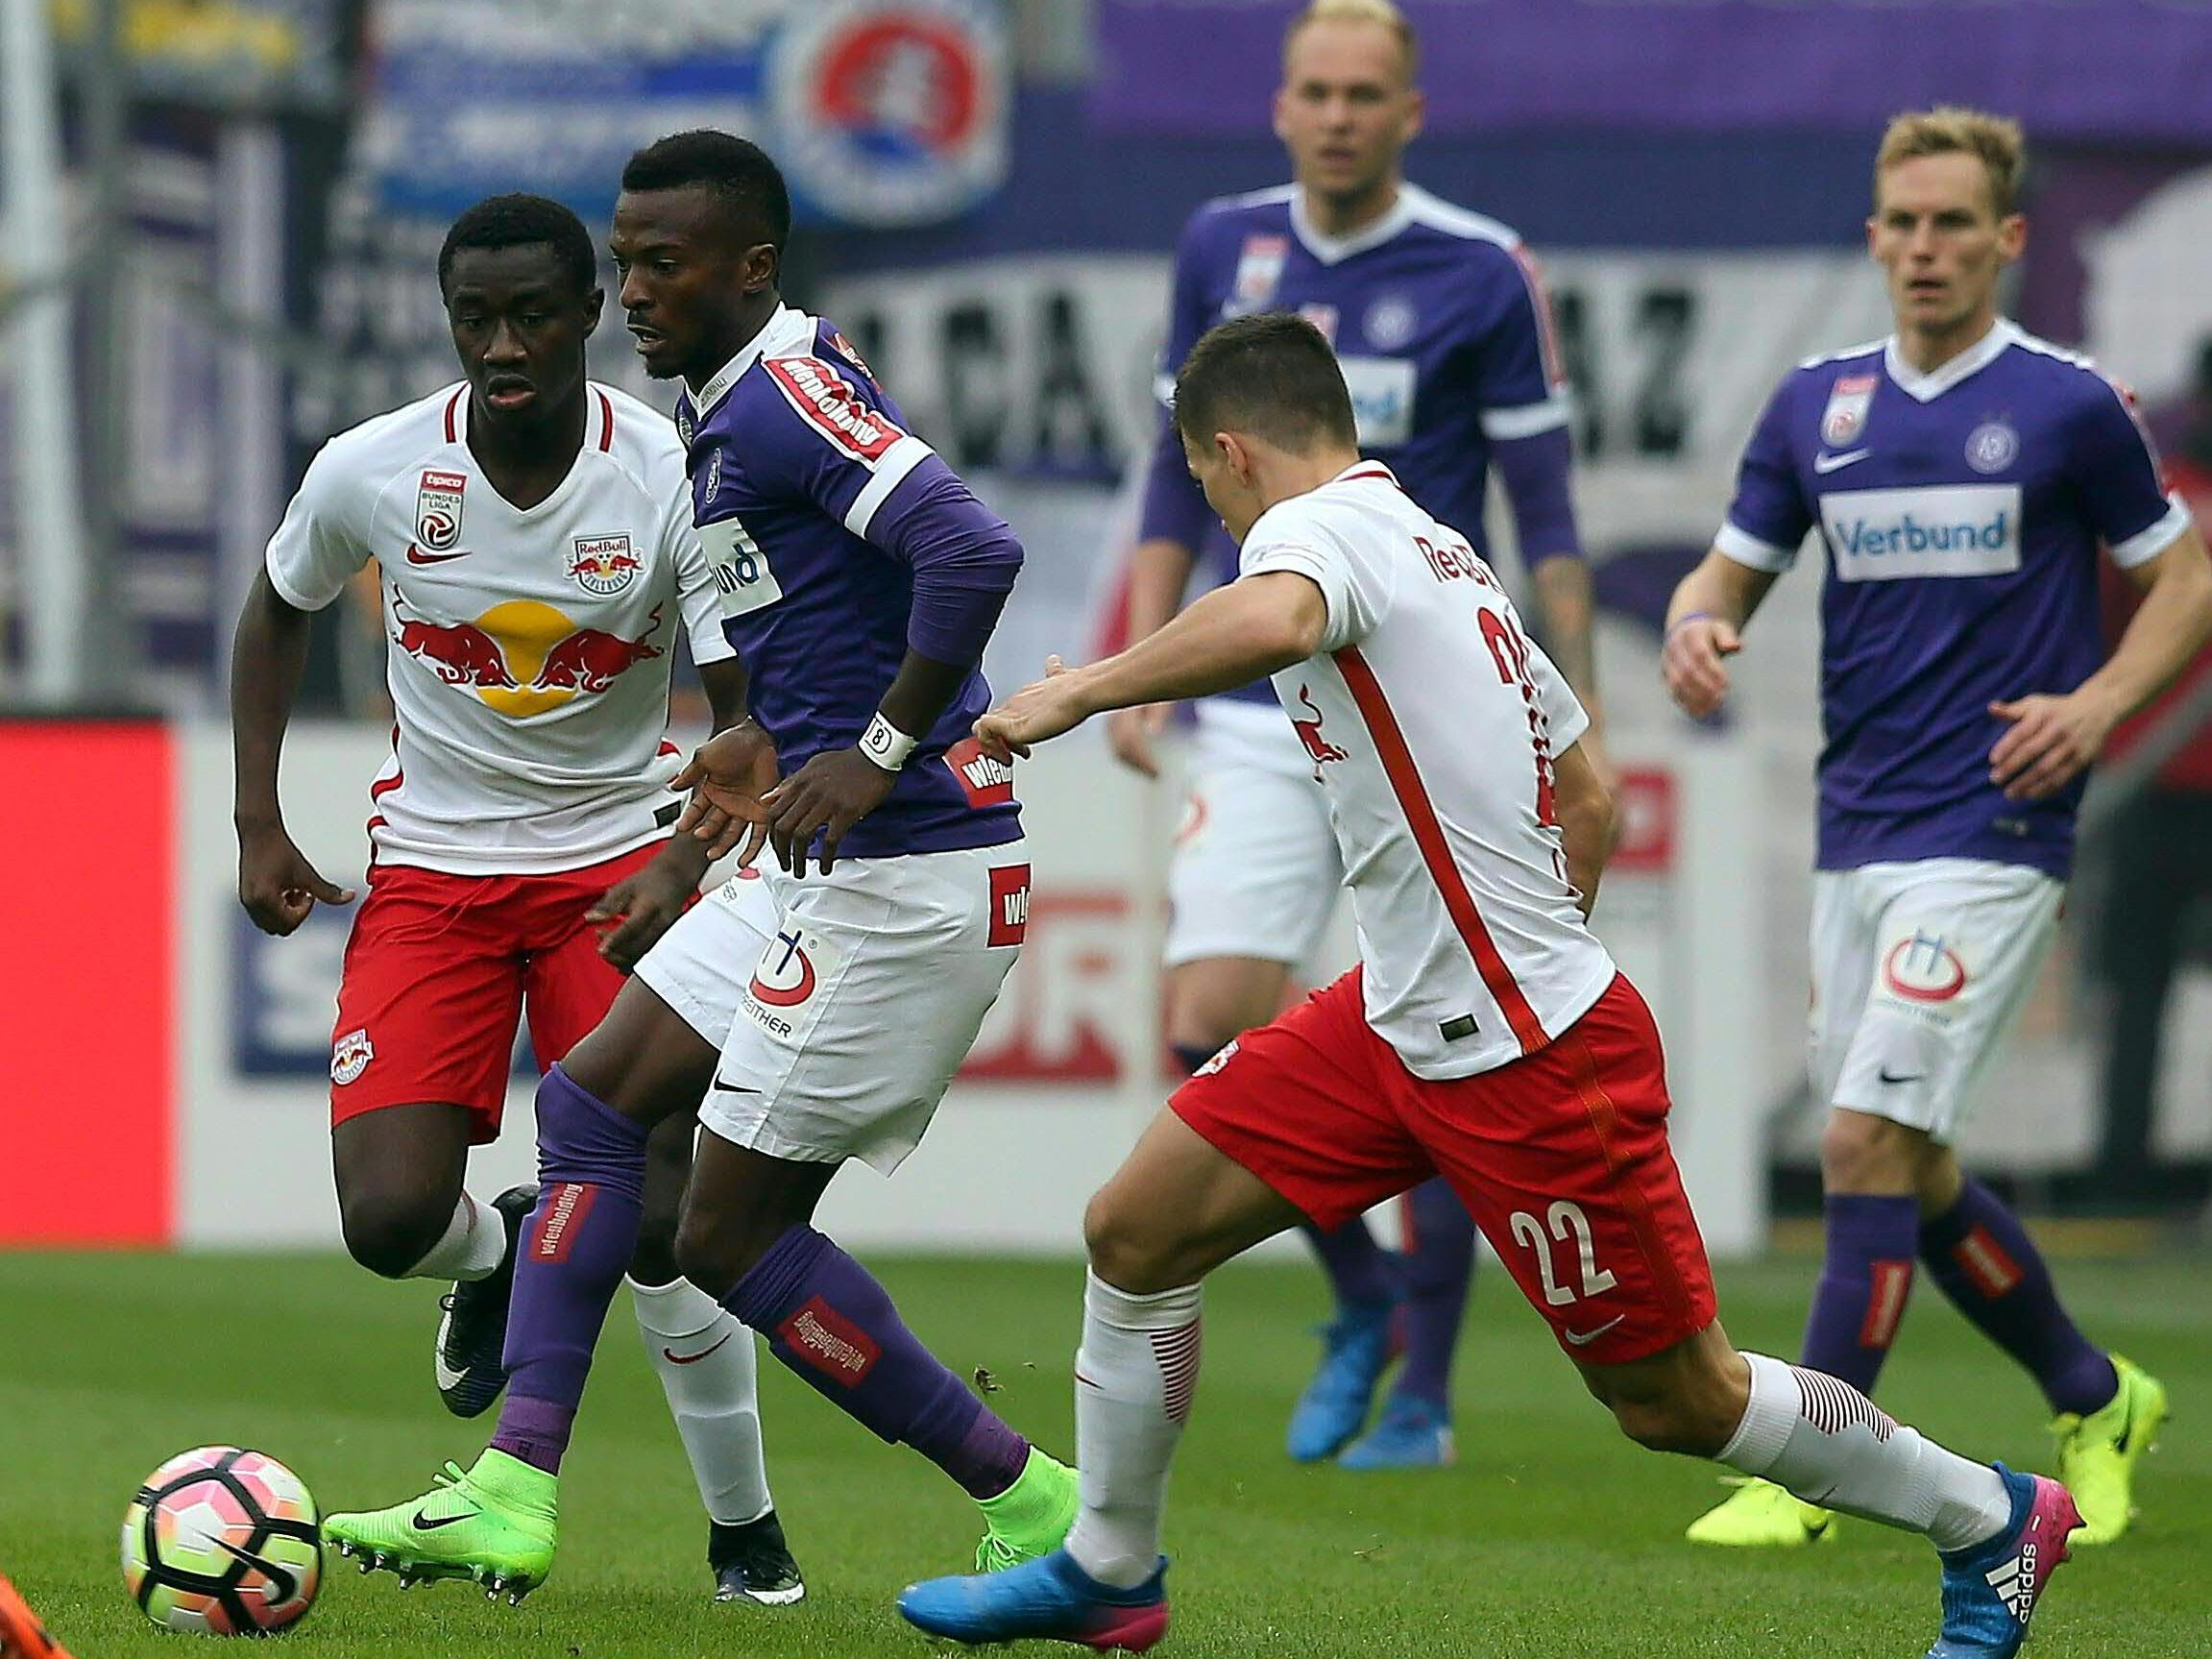 LIVE-Ticker zum Spiel Austria Wien gegen Red Bull Salzburg ab 16.30 Uhr.